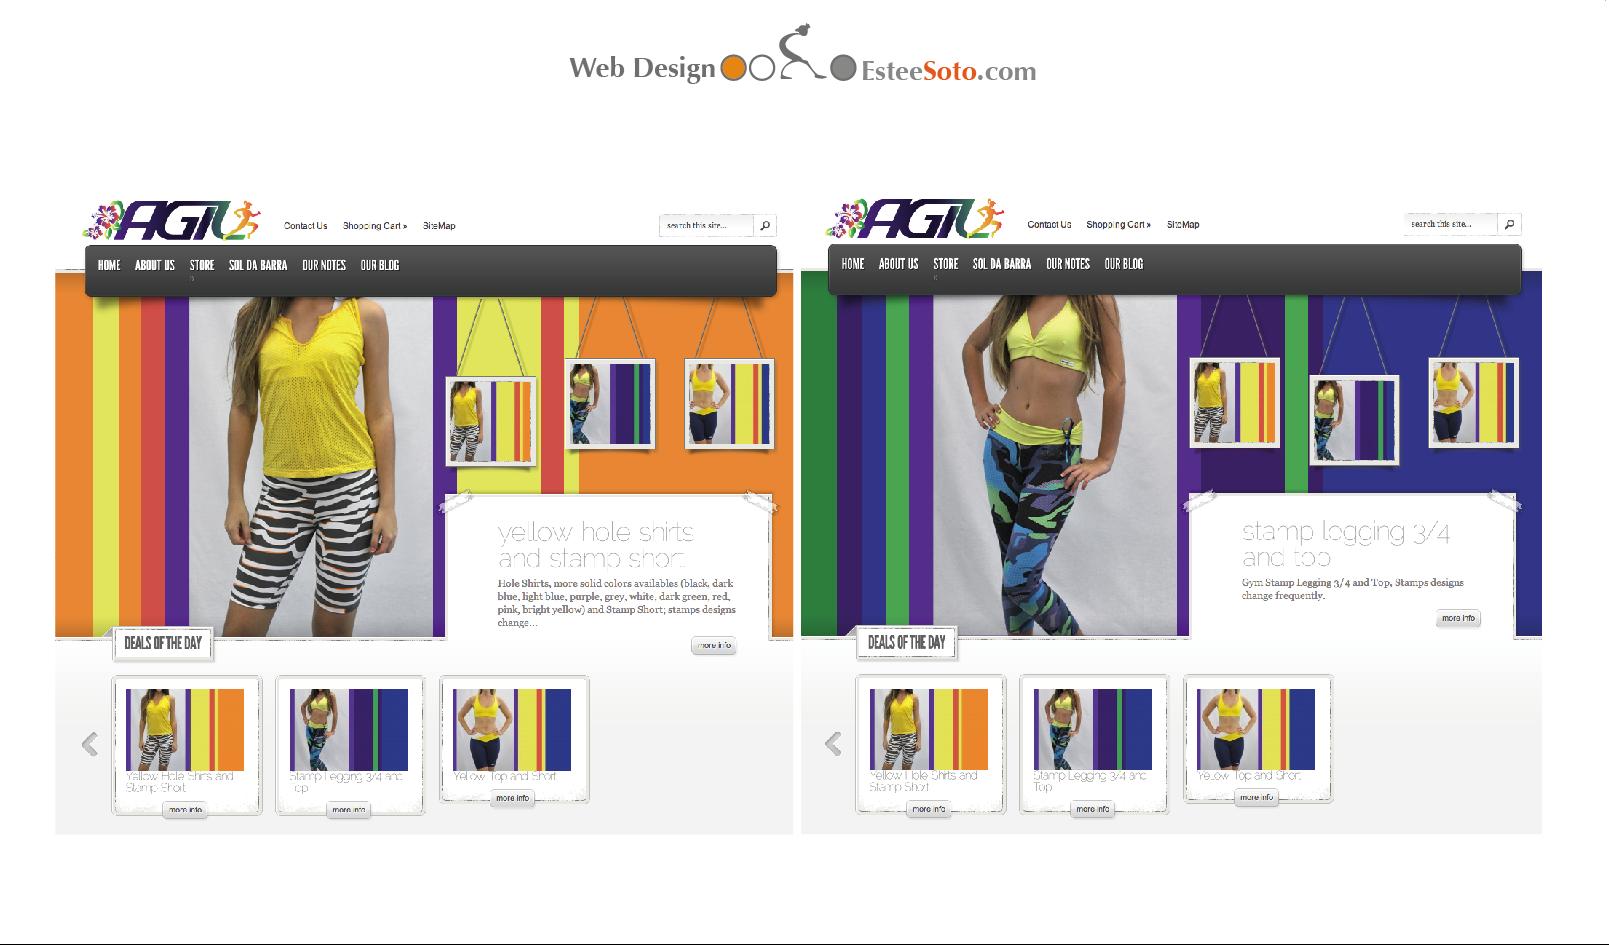 AgilStore.com Website